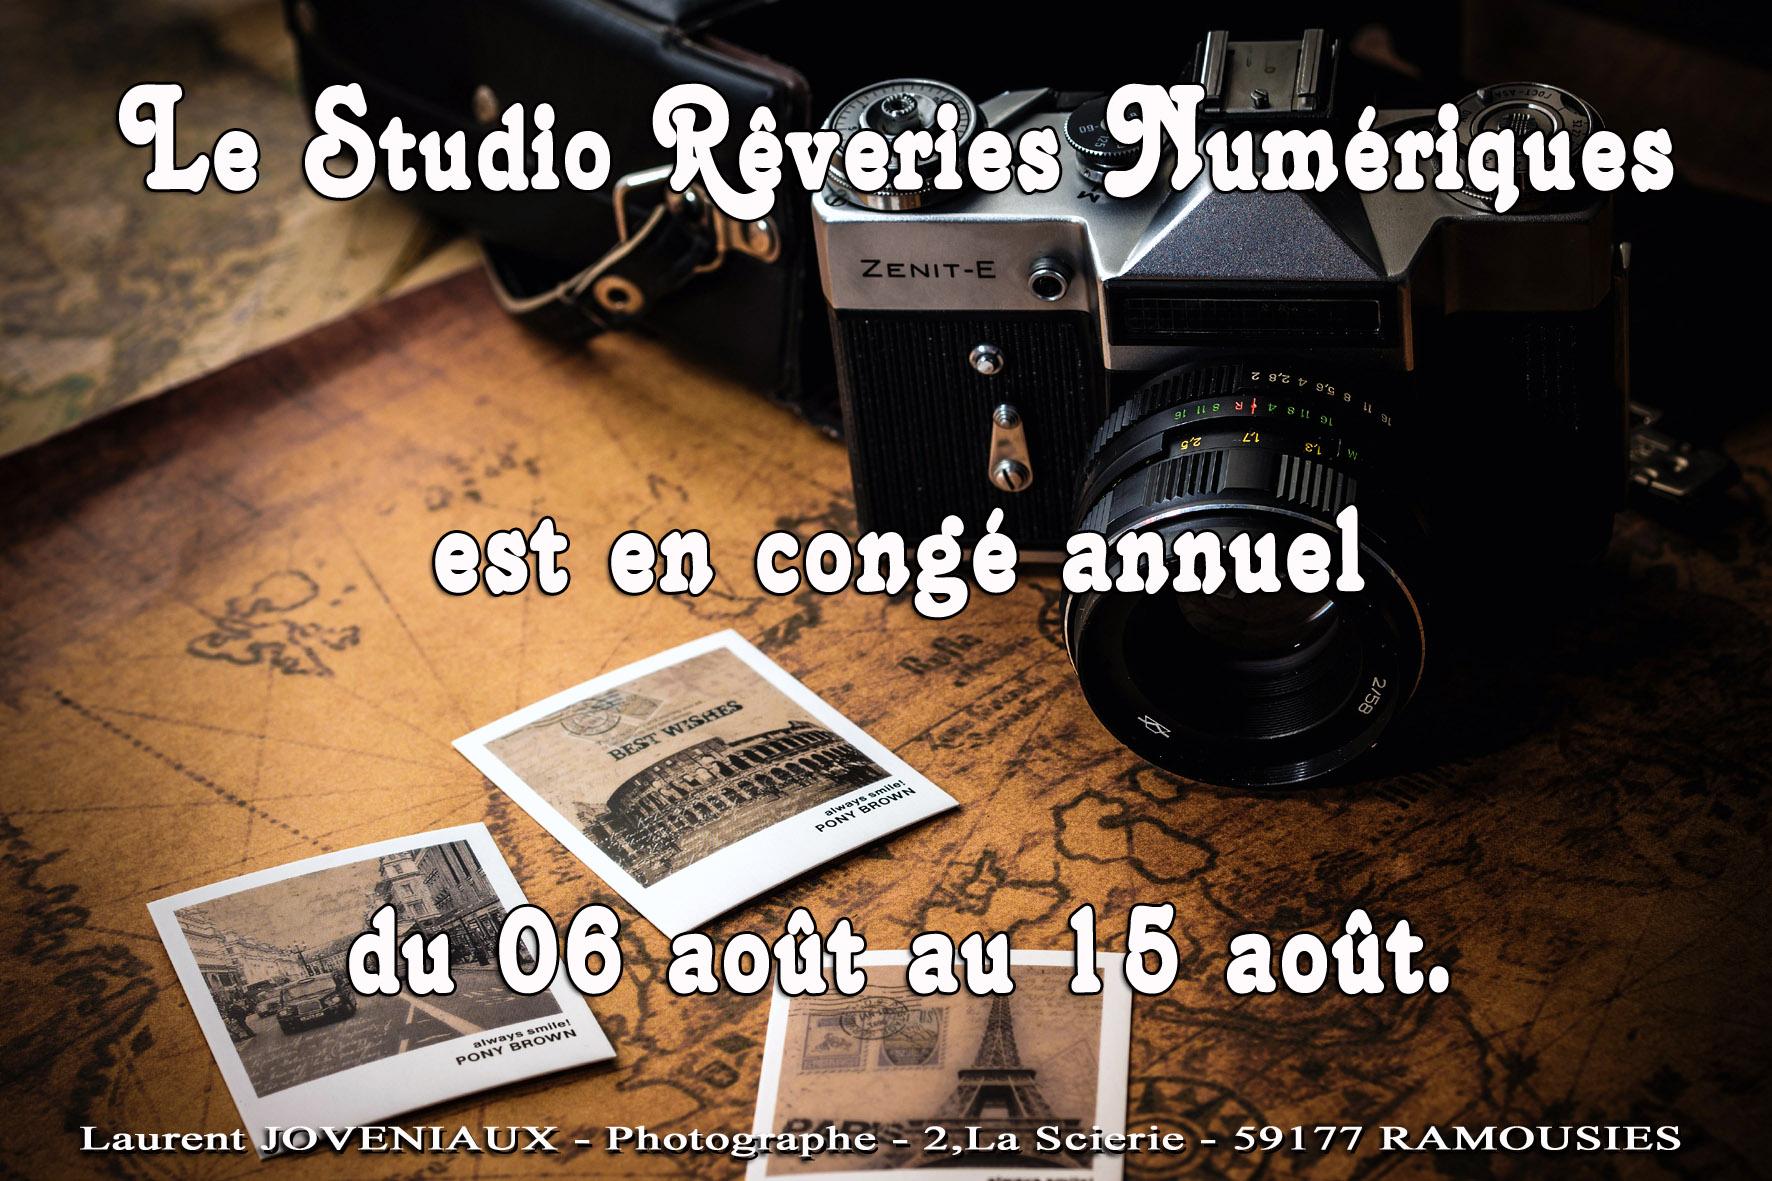 Joveniaux photographe mariage portrait graphiste studio reveries numeriques sains du nord